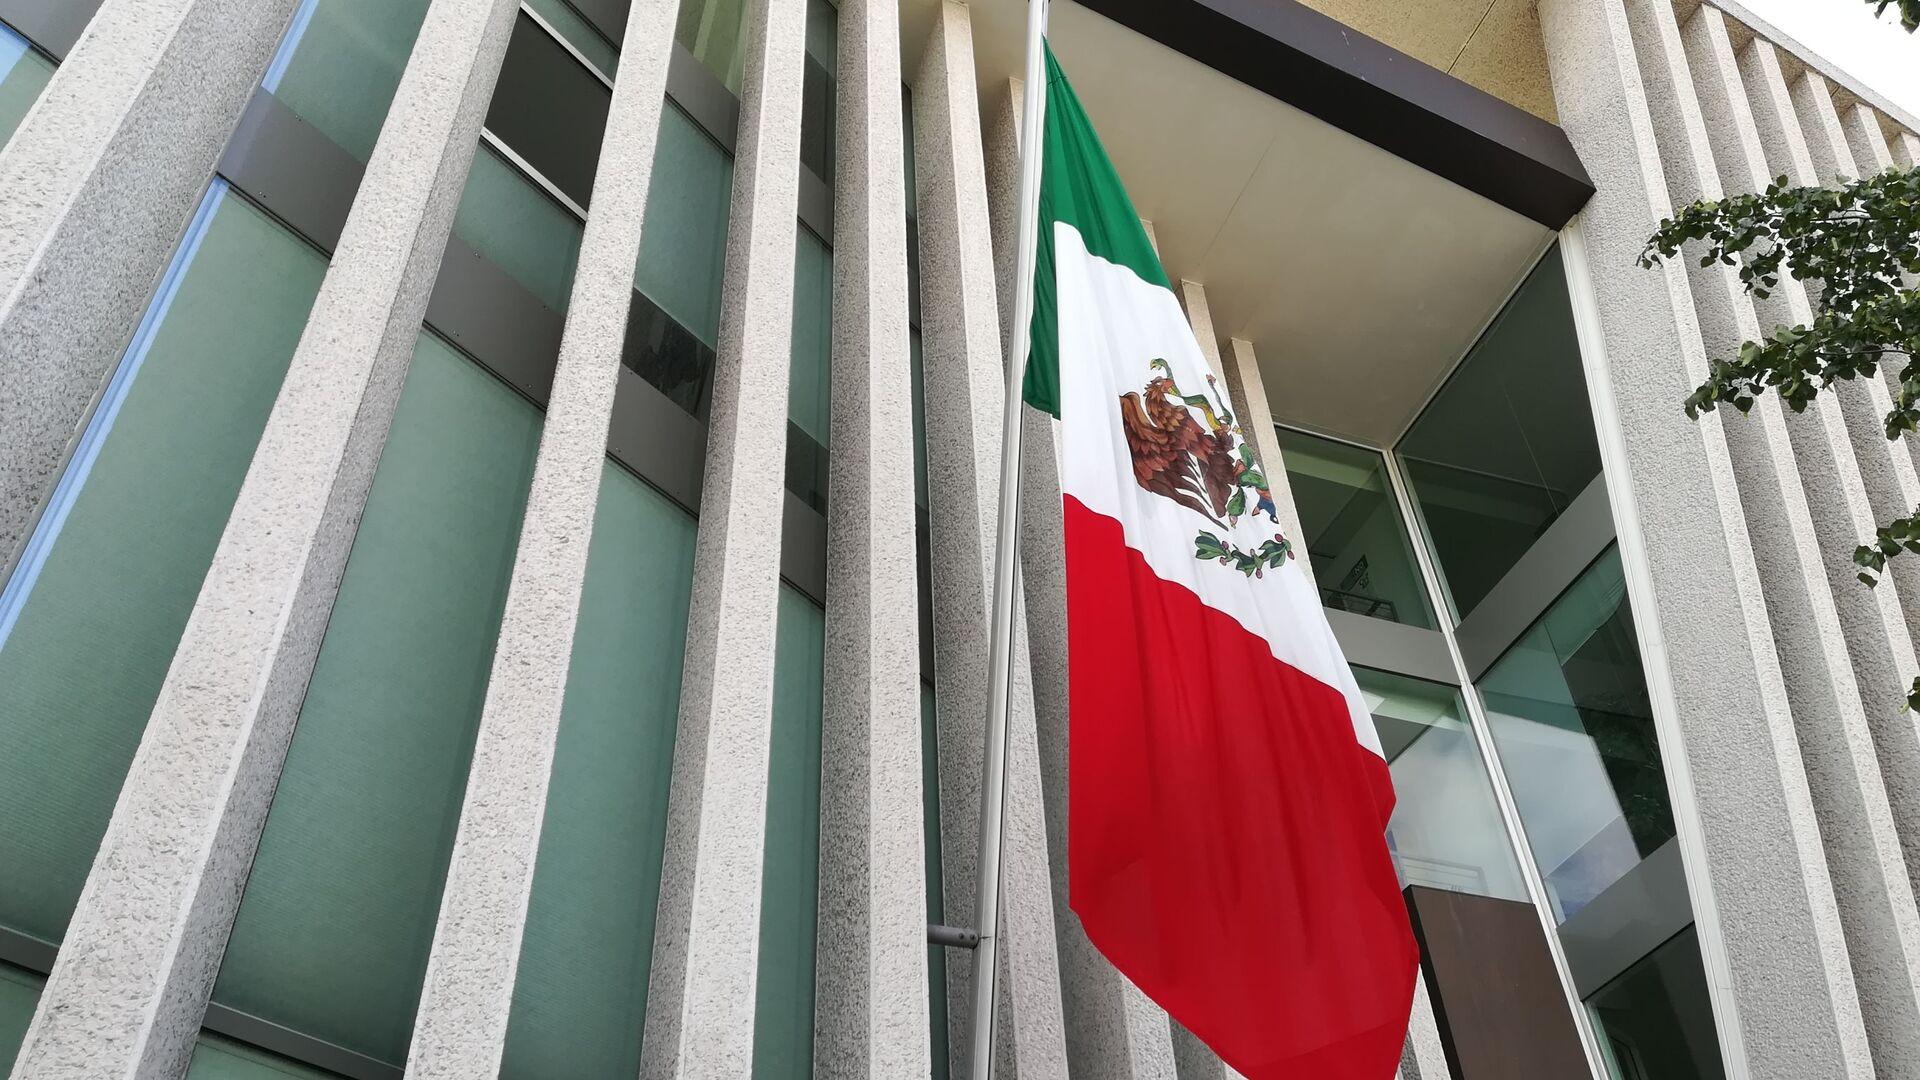 Bandera de México - Sputnik Mundo, 1920, 23.02.2021